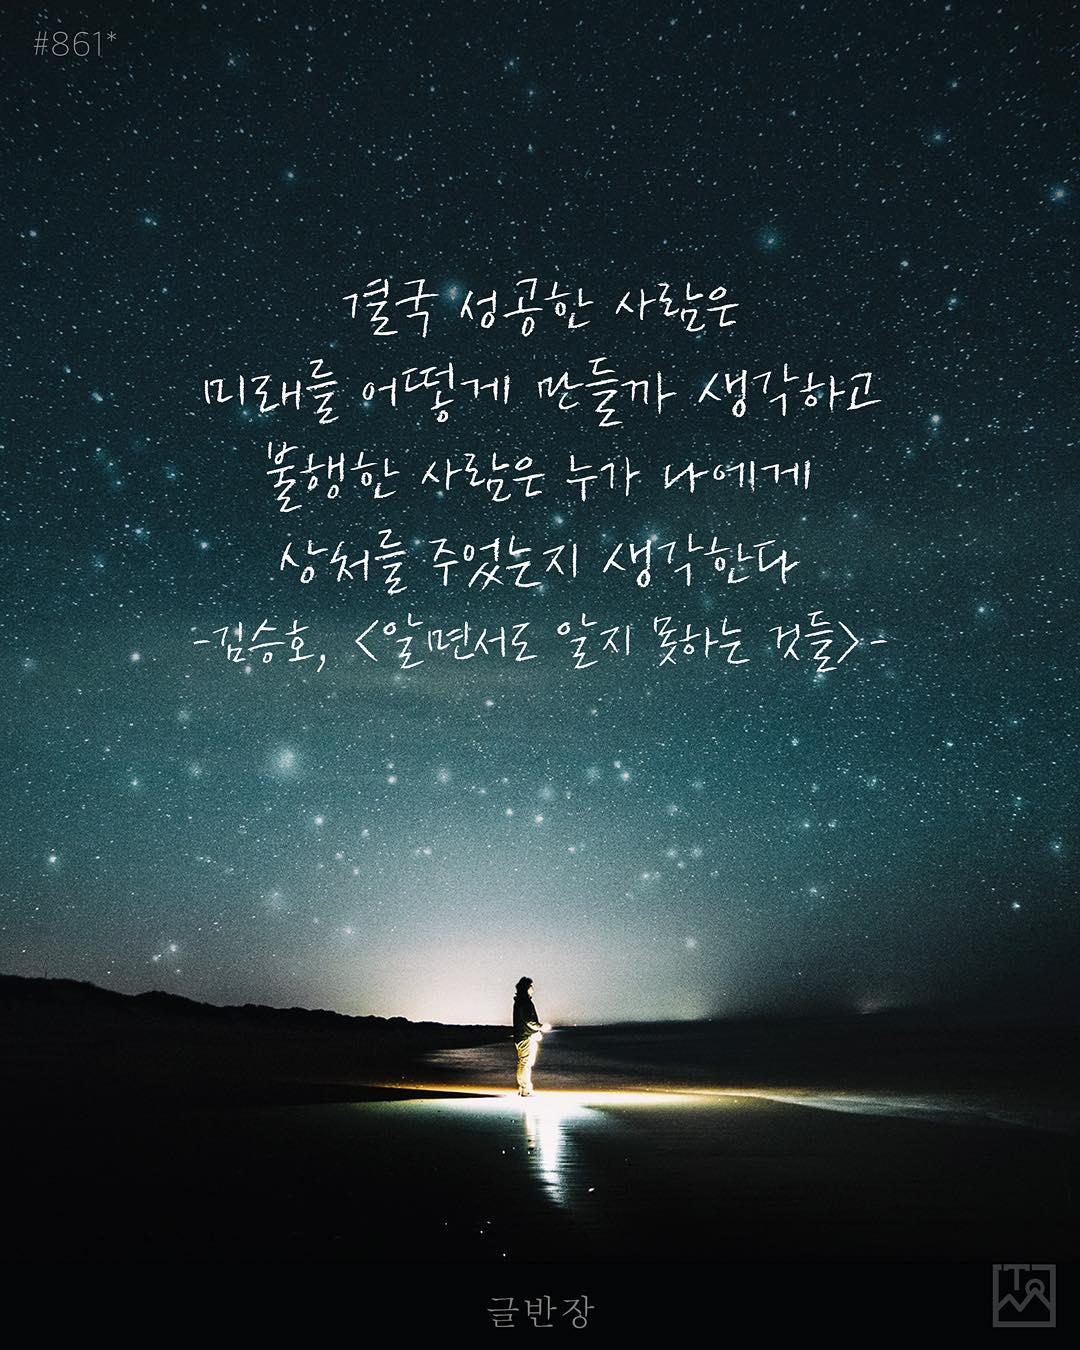 성공한 사람, 불행한 사람 - 김승호, <알면서도 알지 못하는 것들>